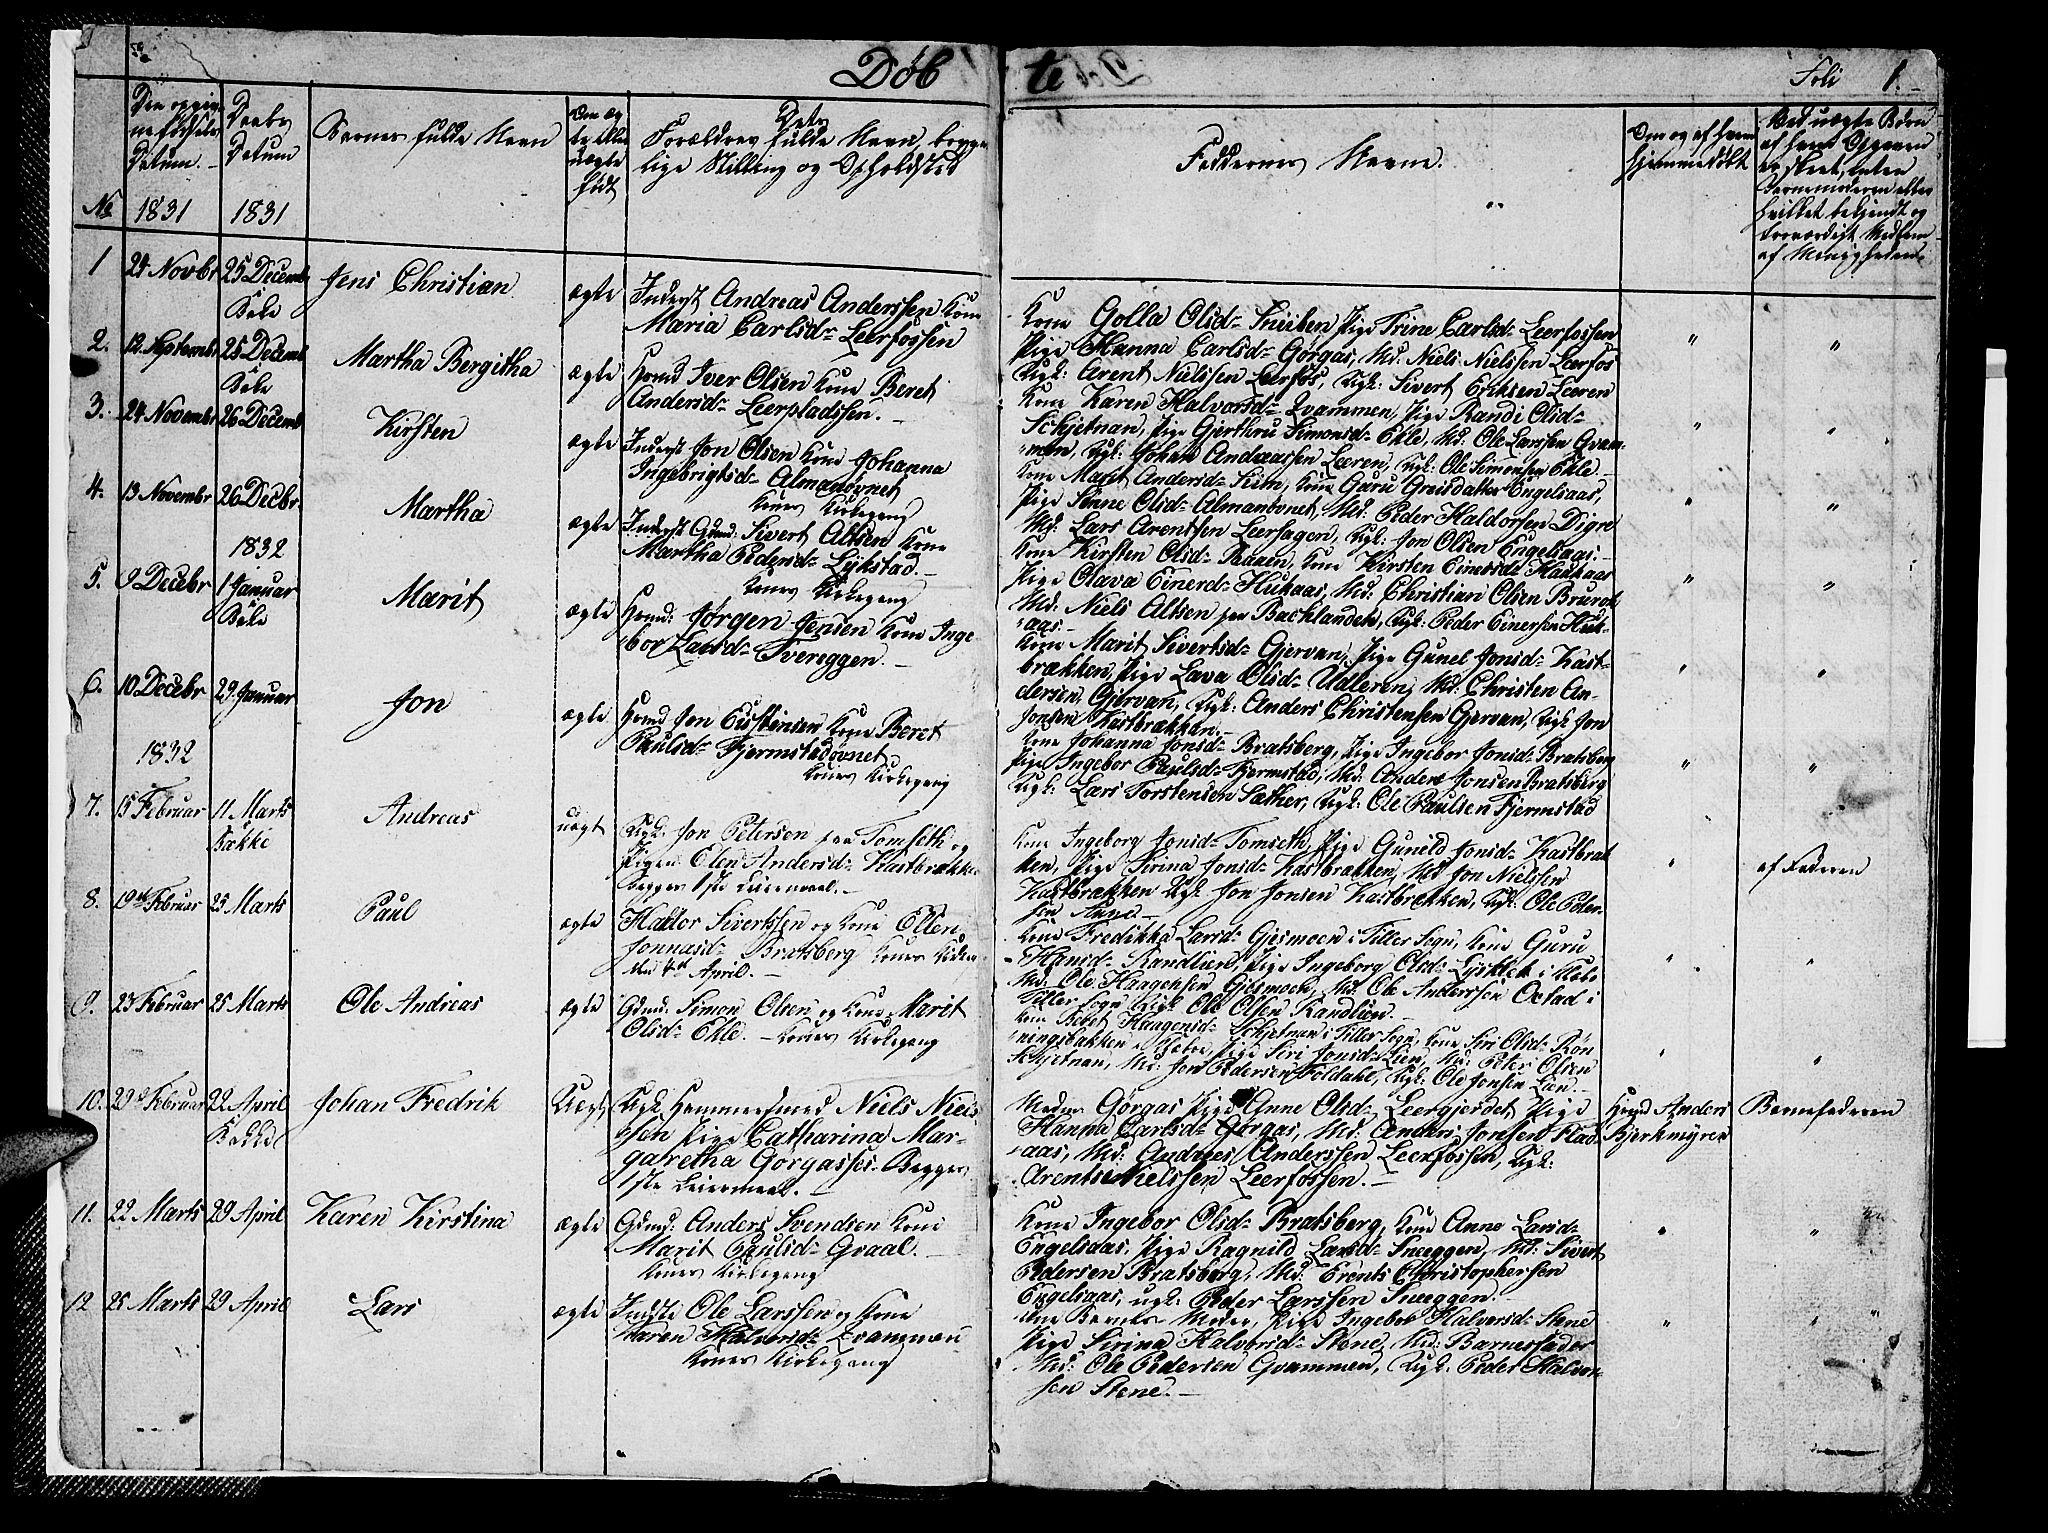 SAT, Ministerialprotokoller, klokkerbøker og fødselsregistre - Sør-Trøndelag, 608/L0338: Klokkerbok nr. 608C04, 1831-1843, s. 1